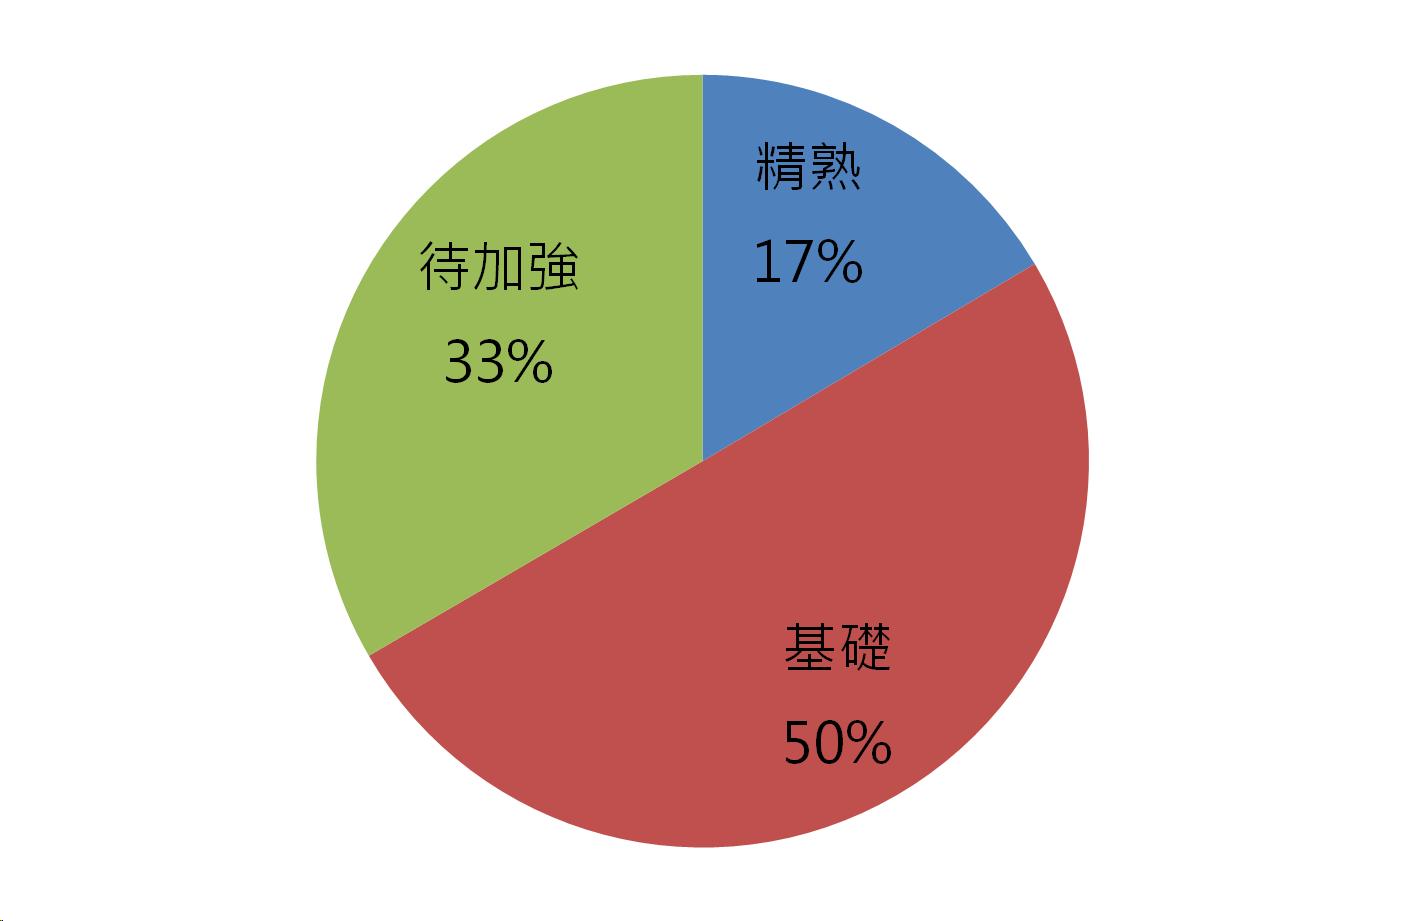 104年國中教育會考數學能力等級百分比的圓餅圖